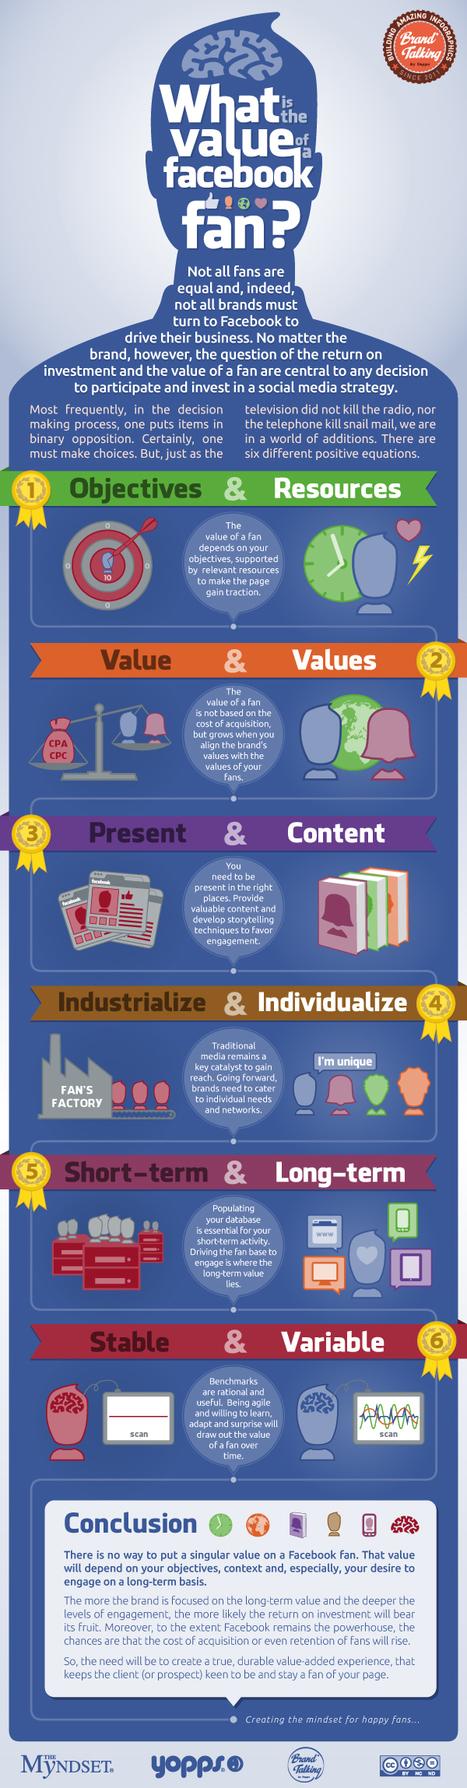 Quelle est la valeur d'un fan Facebook? | Time to Learn | Scoop.it